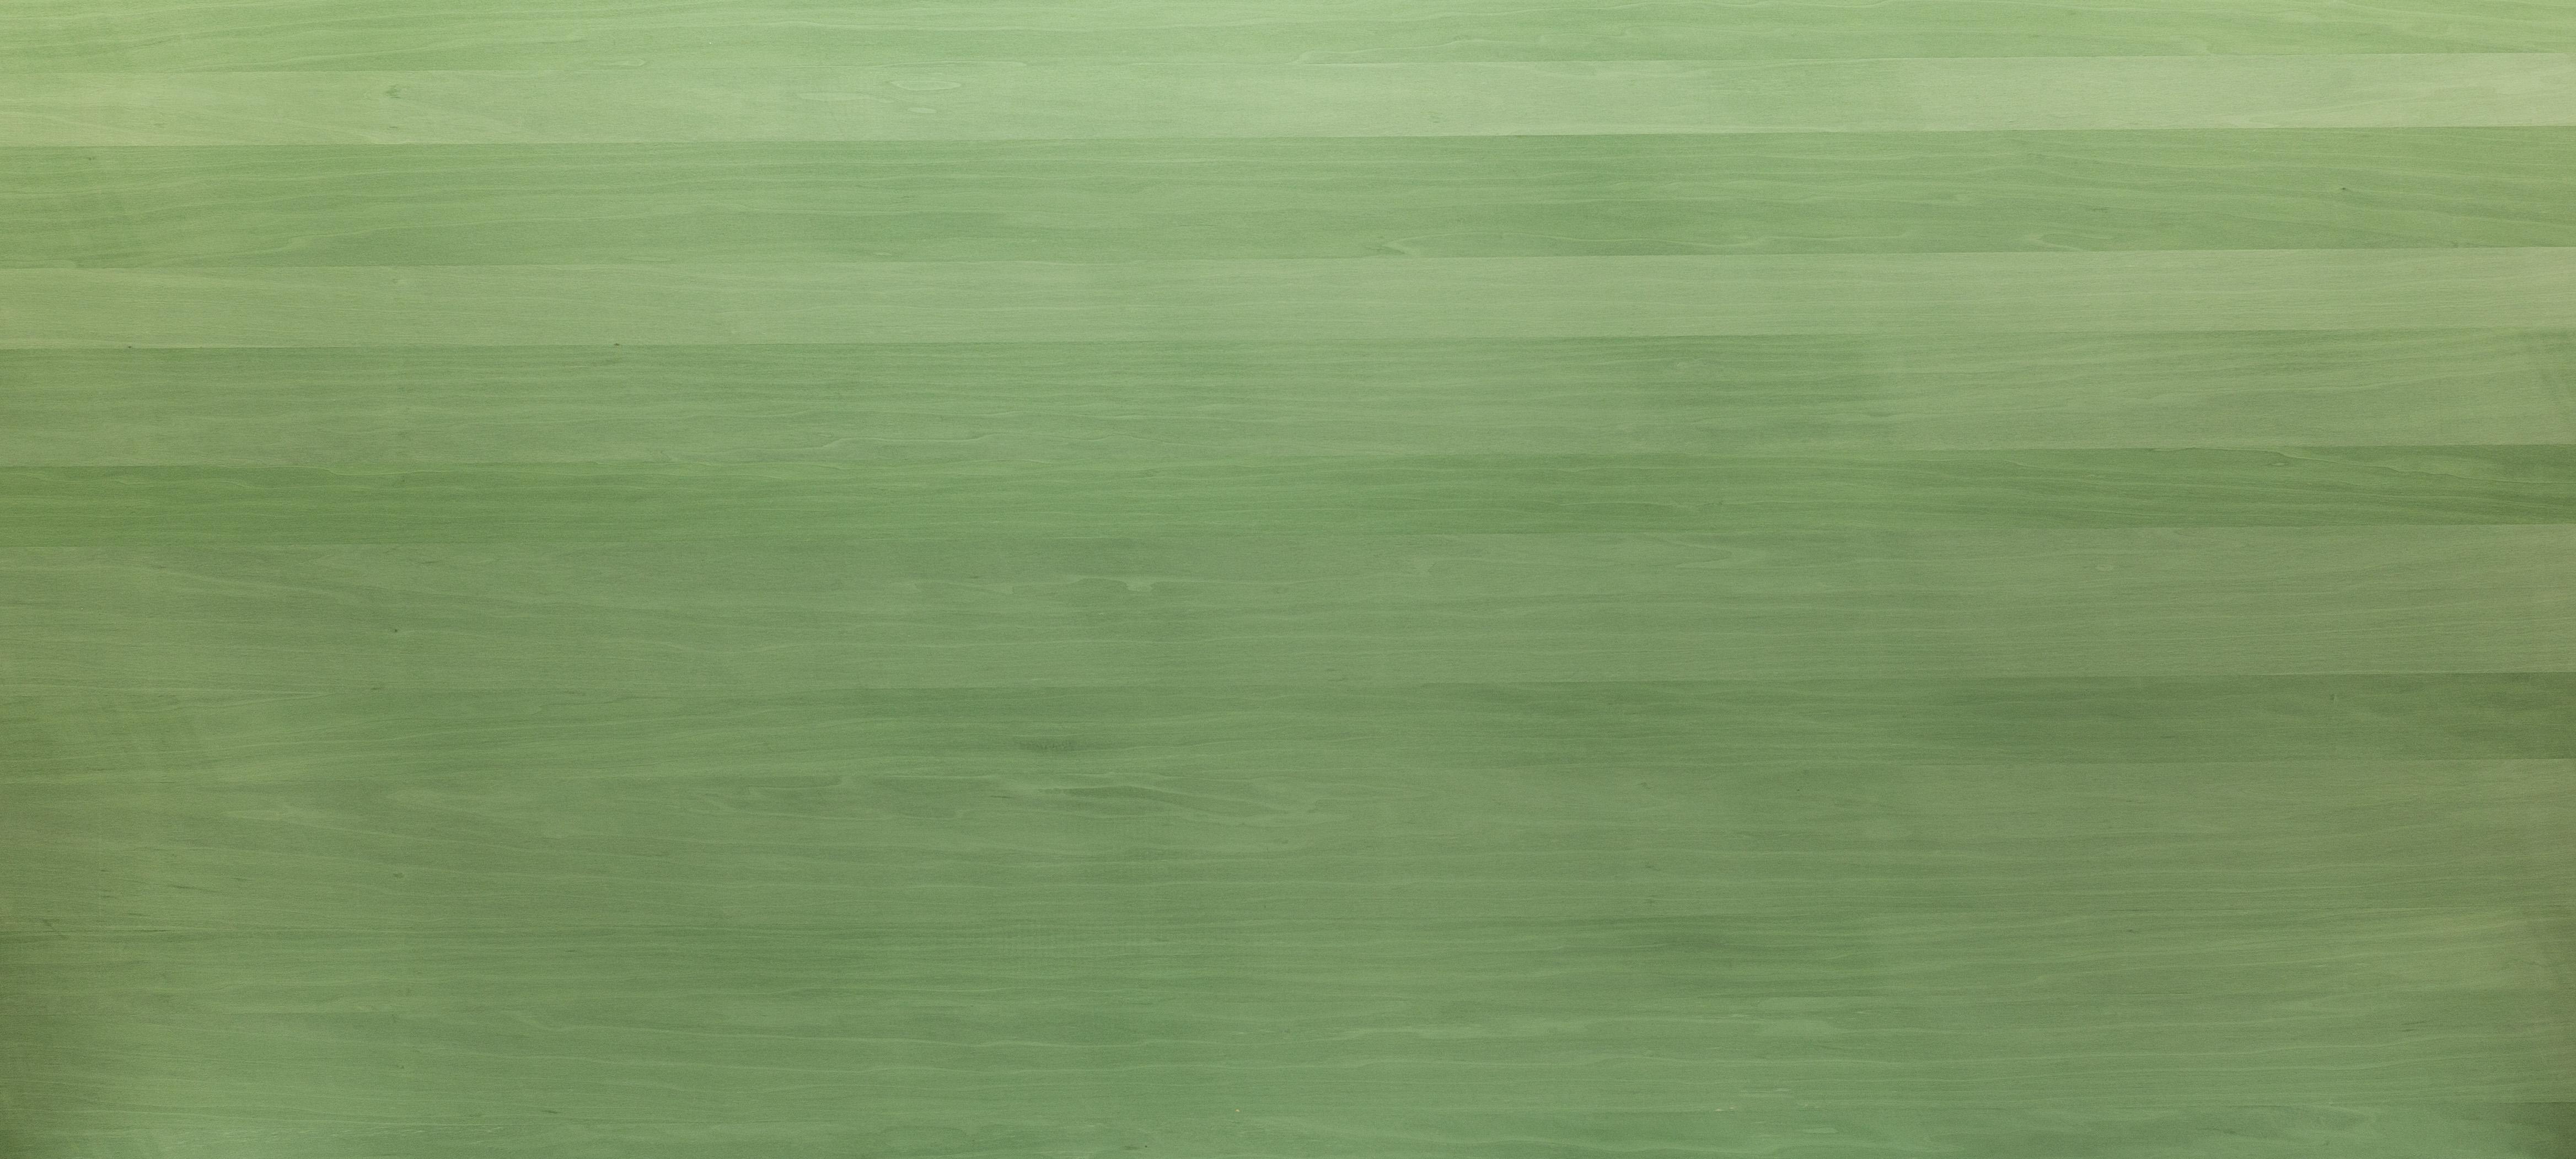 SB Colour_Green_6L1C0019